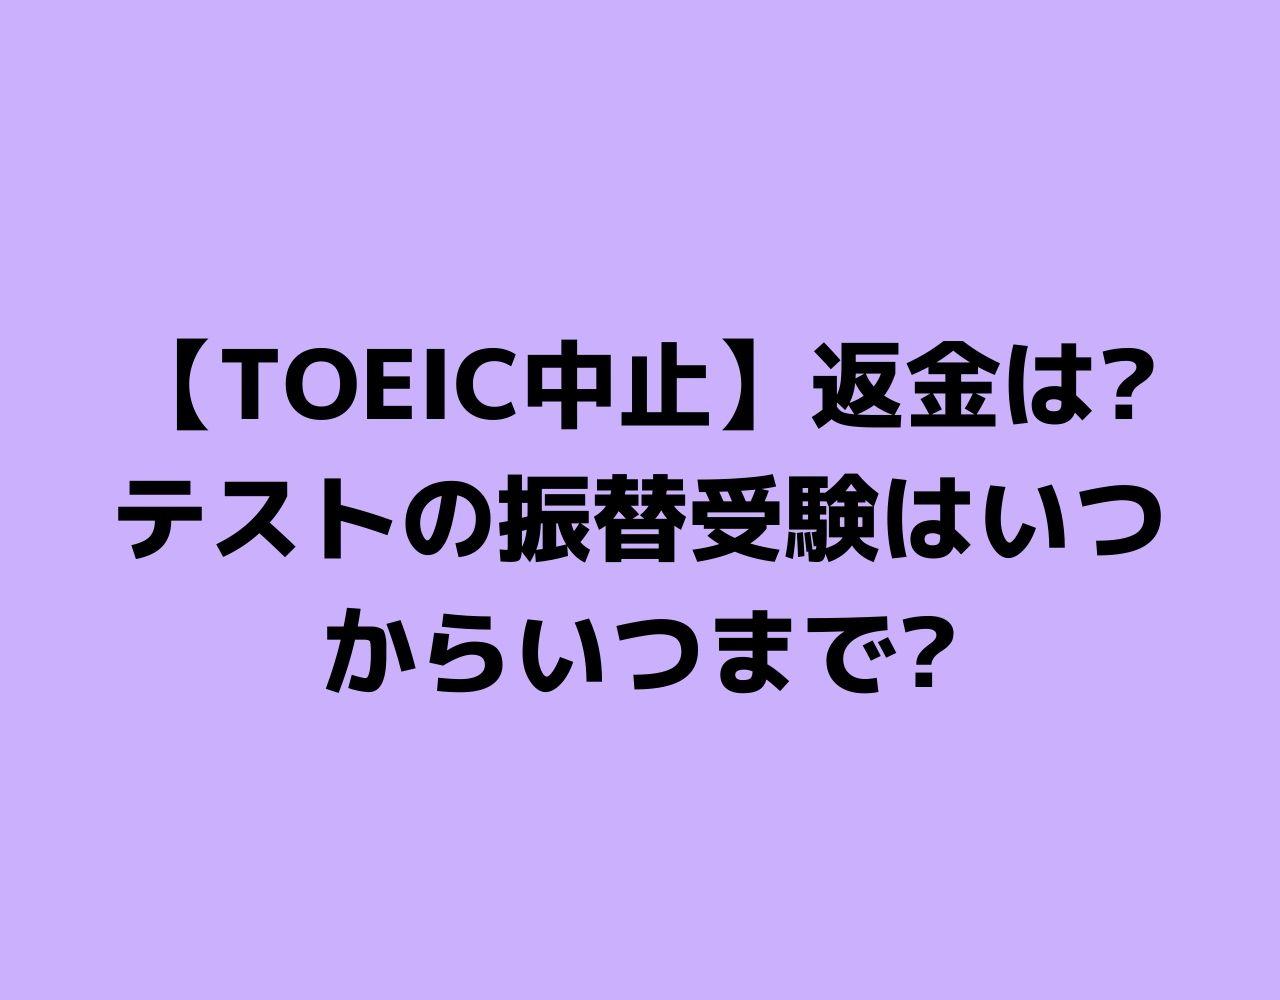 toeic中止